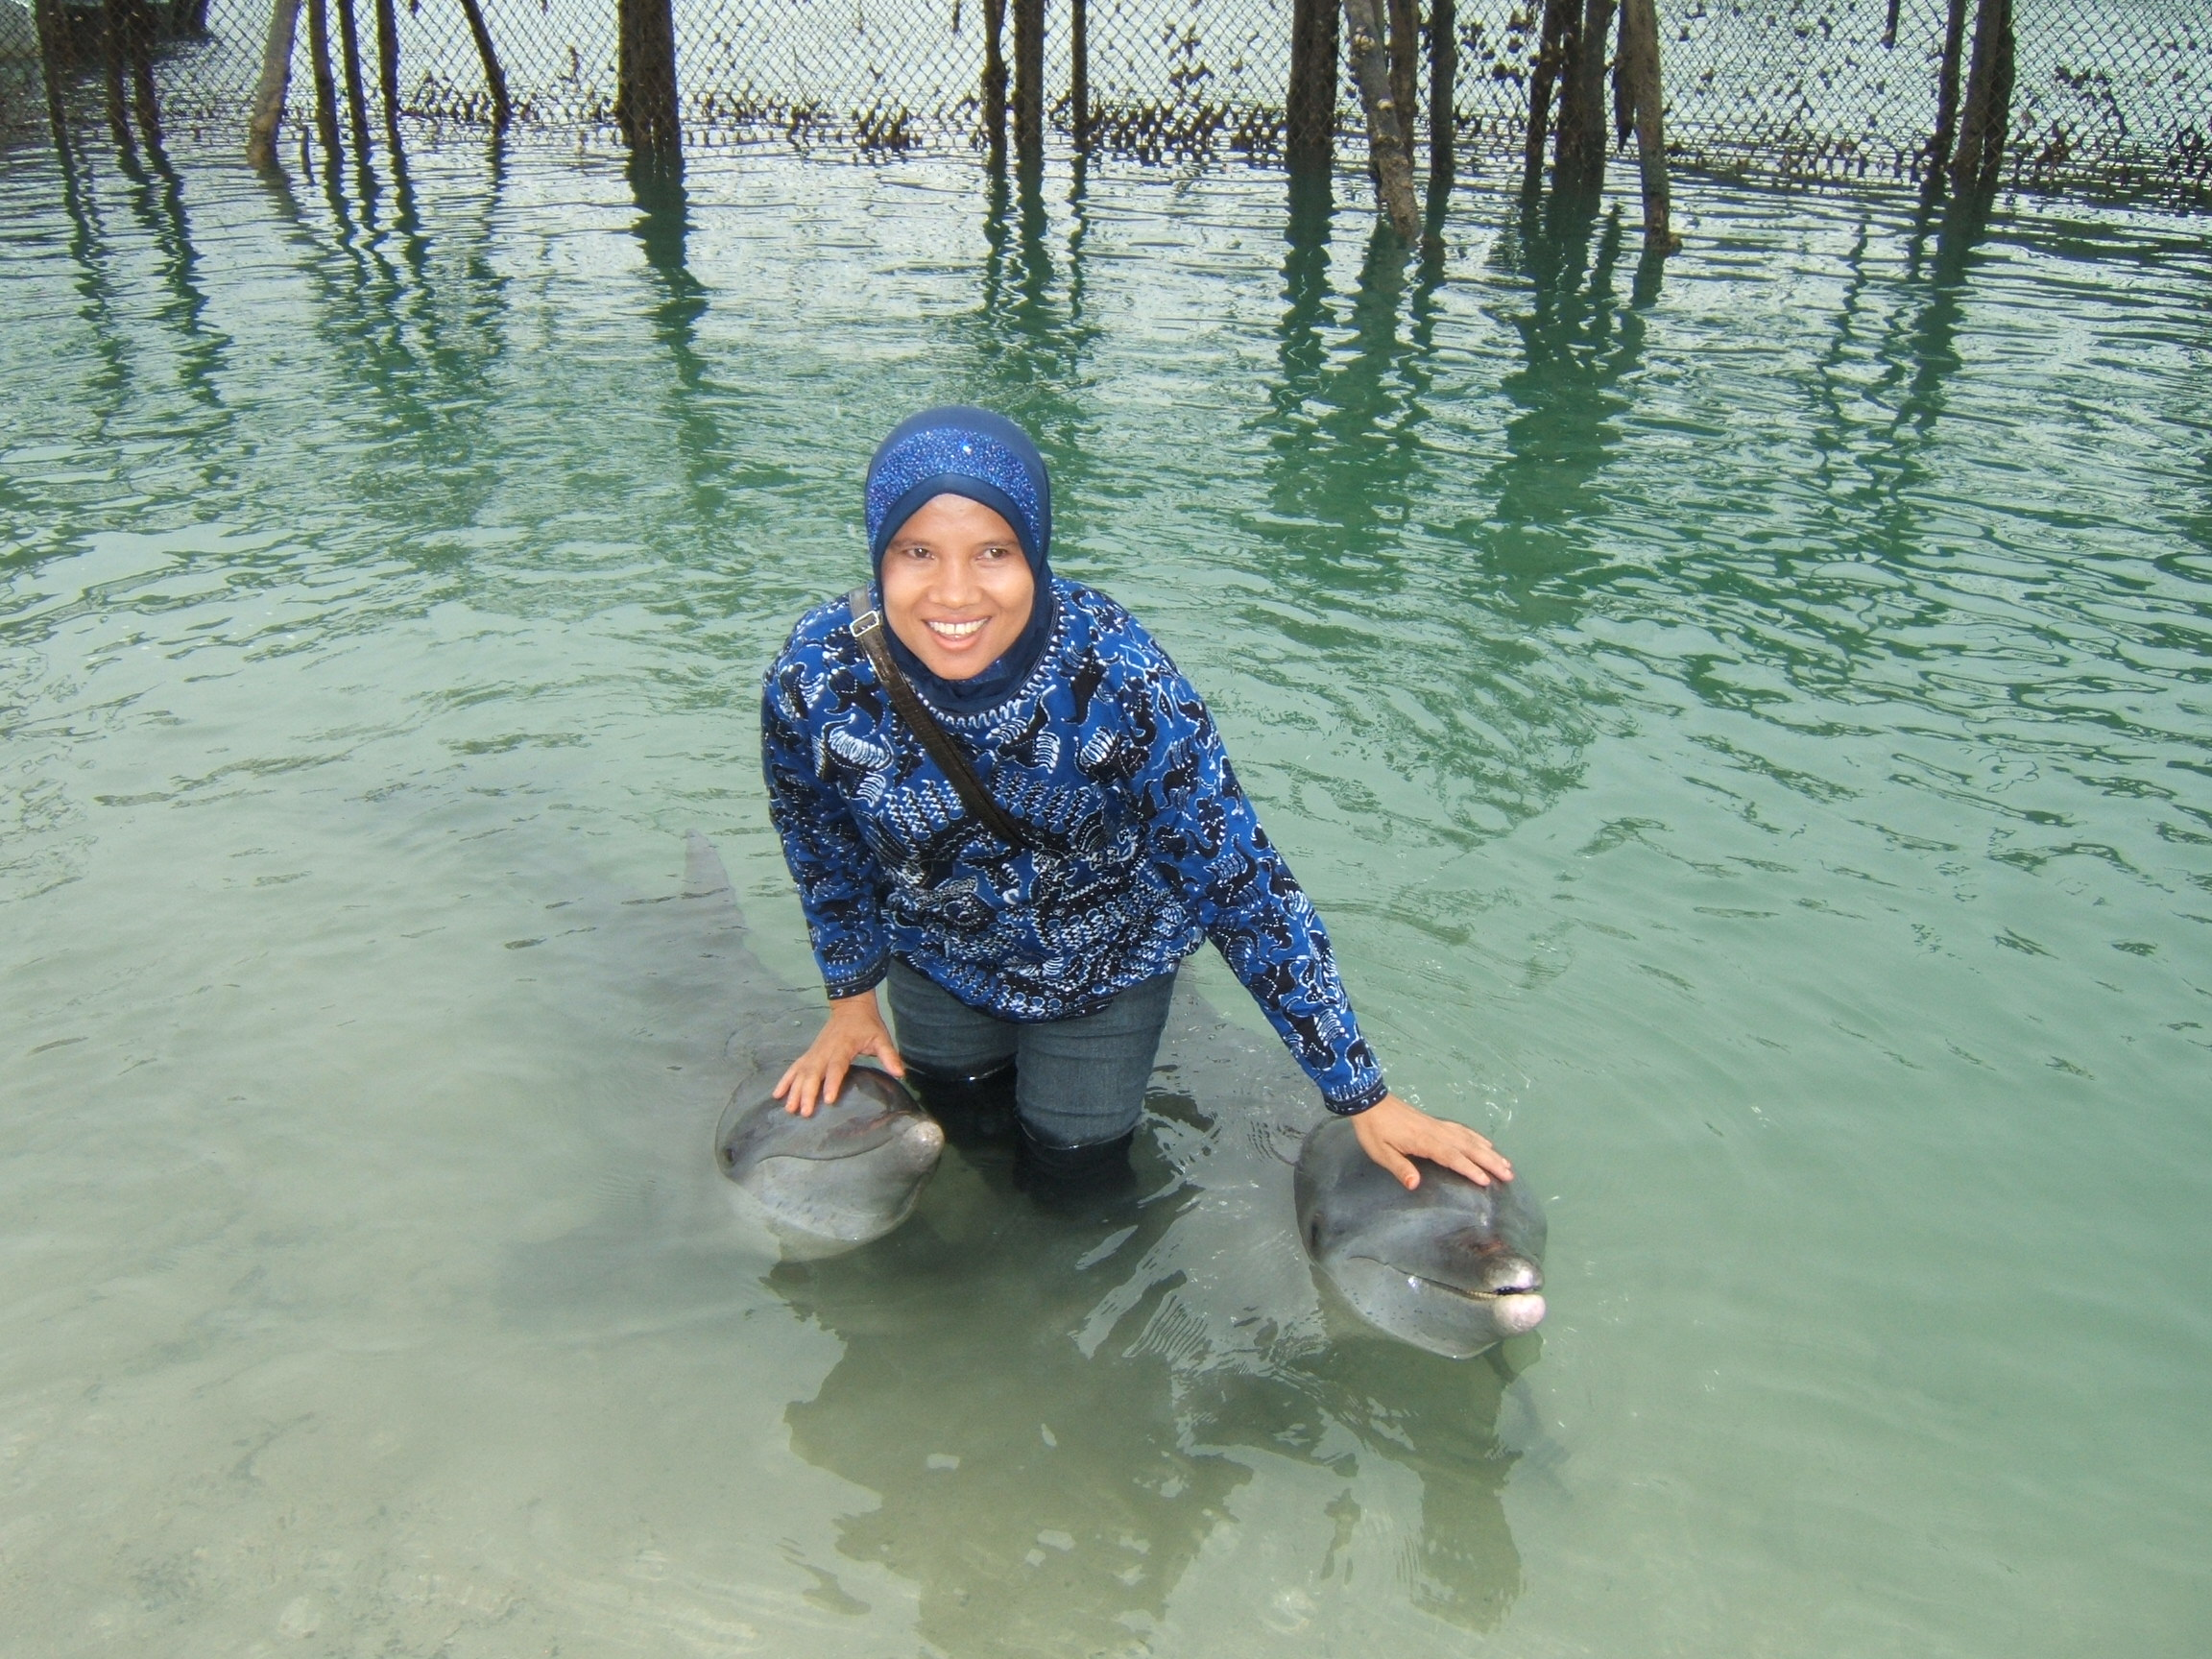 Ibu Reni guru Sekolah Islam Hang Tuah Batam begitu senangnya dapat menjamah sang Dolphin yang jinak, tak apelah berbasah-basah demi memegang kepala sang Dolphin ujarnya.